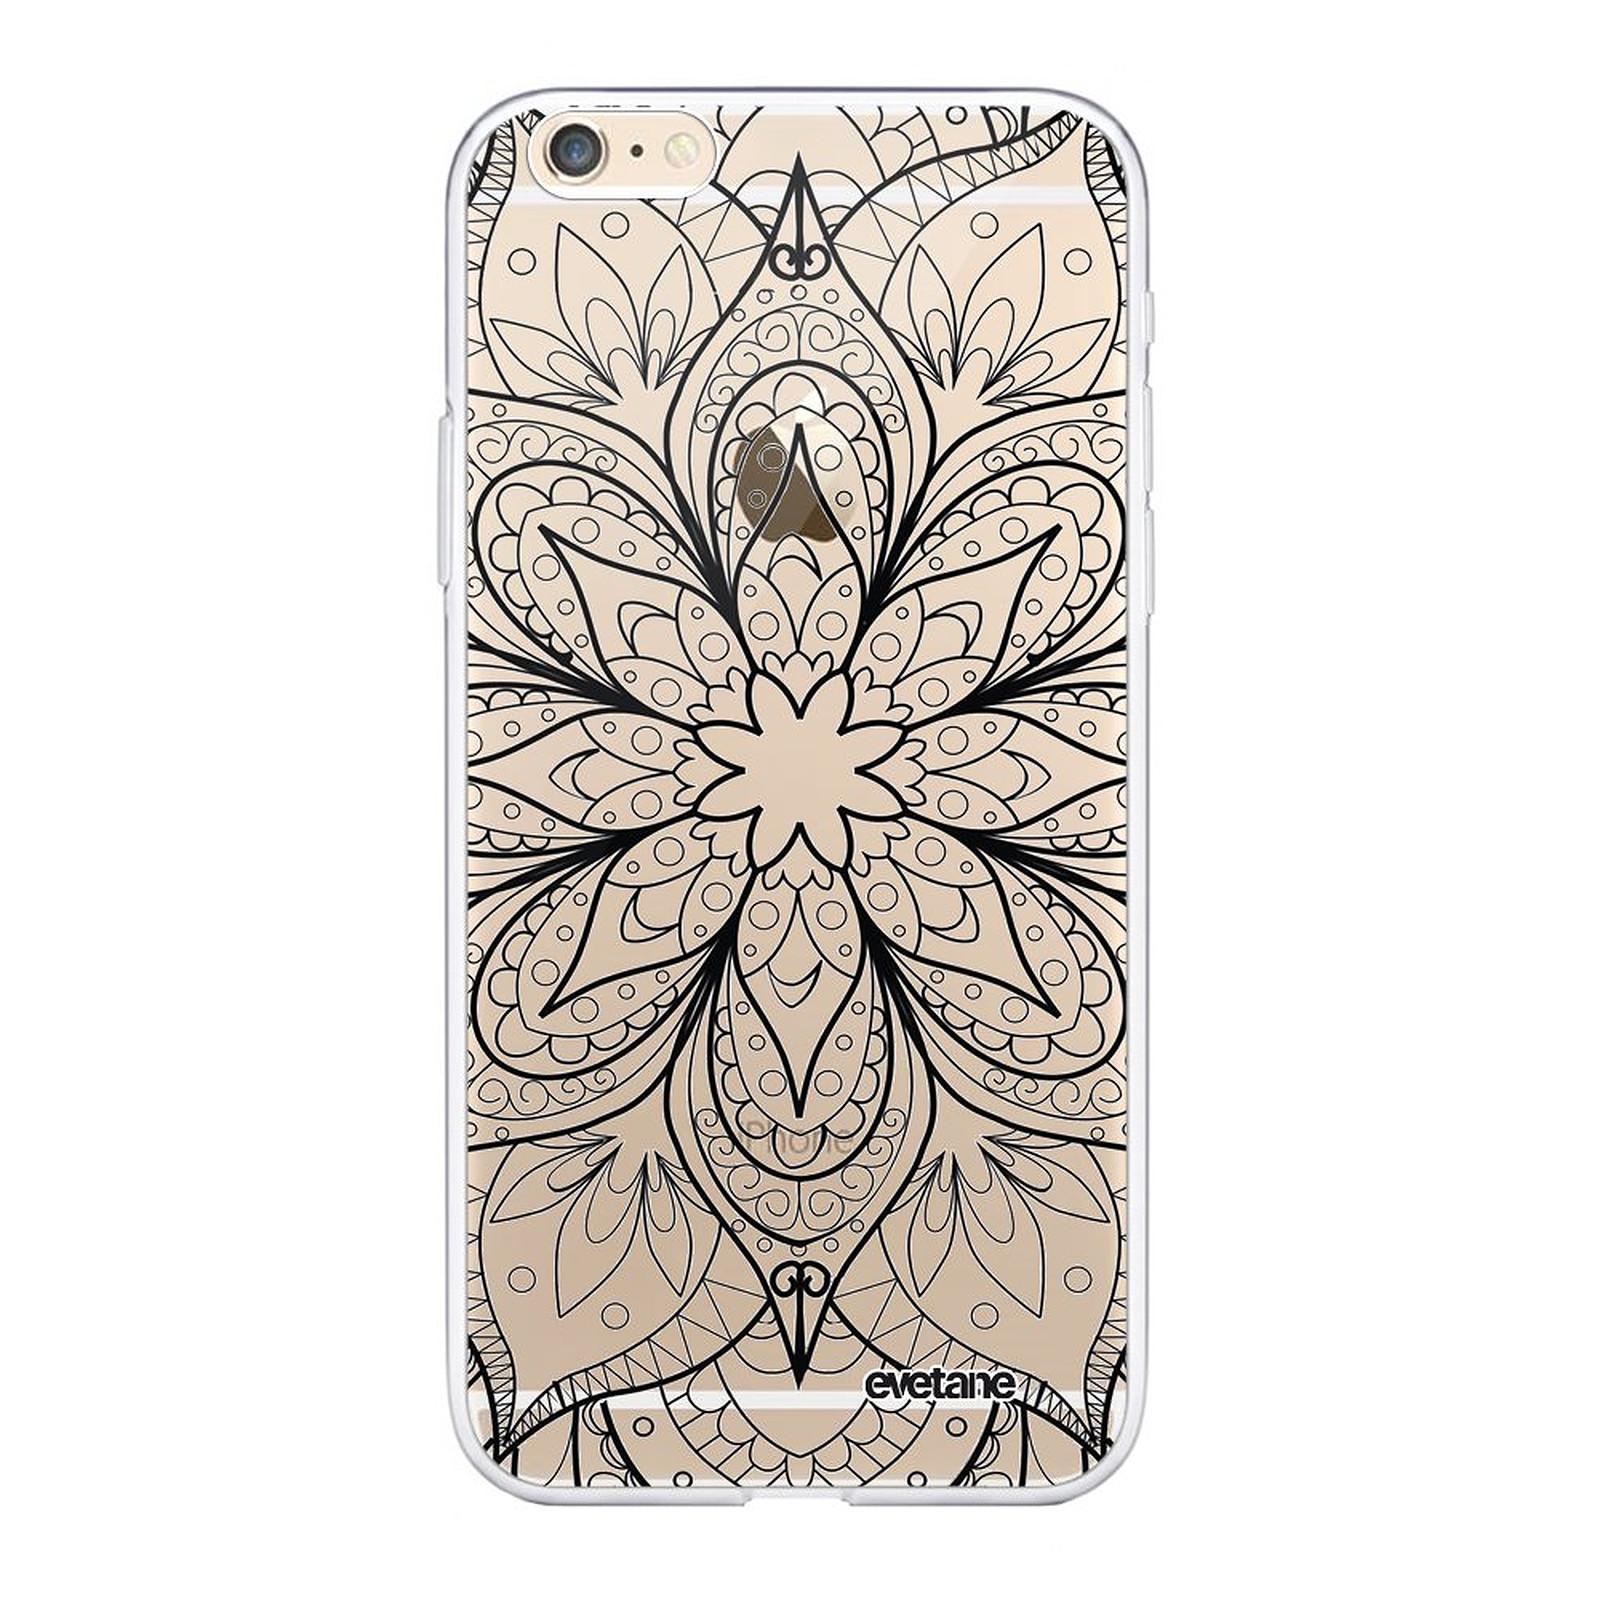 EVETANE Coque iPhone 6 Plus / 6S Plus souple transparente Mandala noir - Coque téléphone Evetane sur LDLC